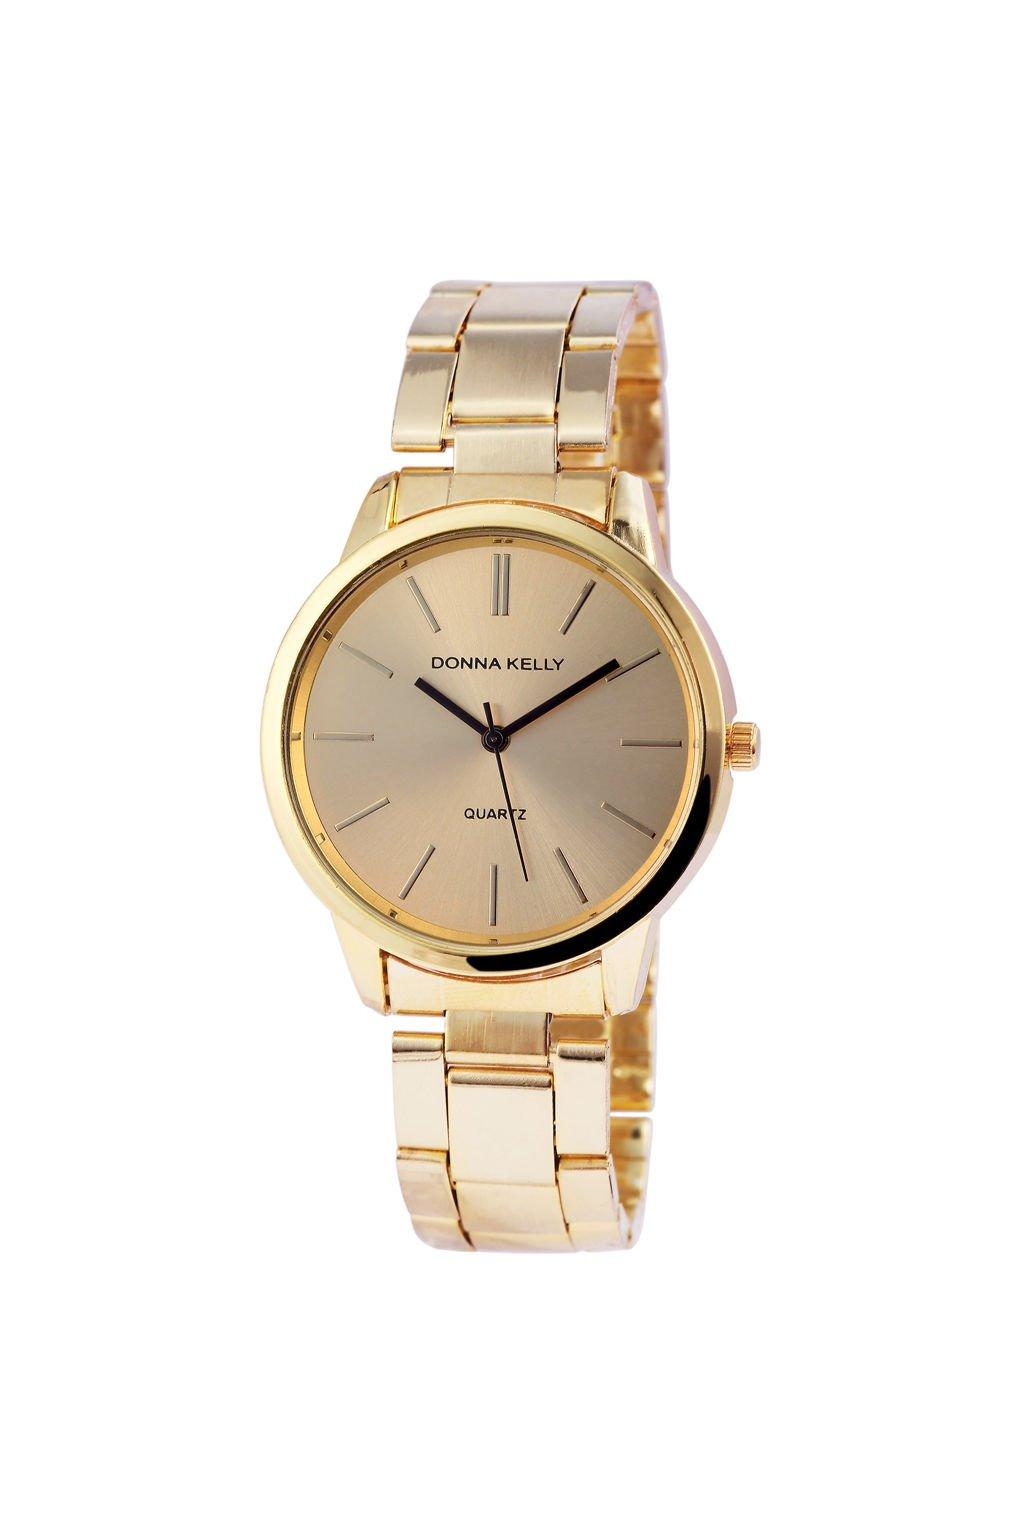 Moderní zlaté dámské hodinky Donna Kelly z nerezové oceli